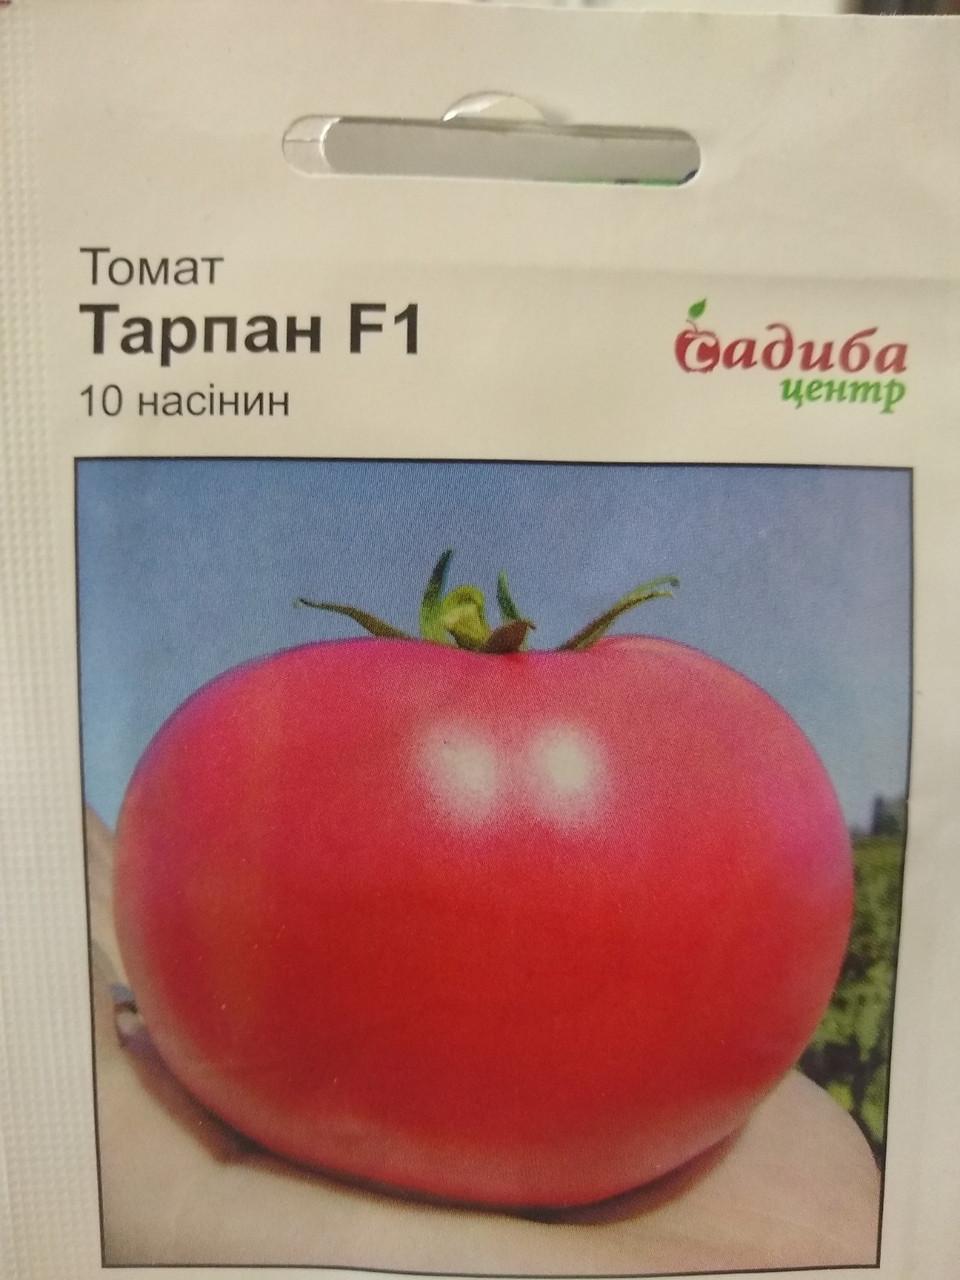 Семена томата кустового розового раннего Тарпан F1 10 семян Nunhems Голландия